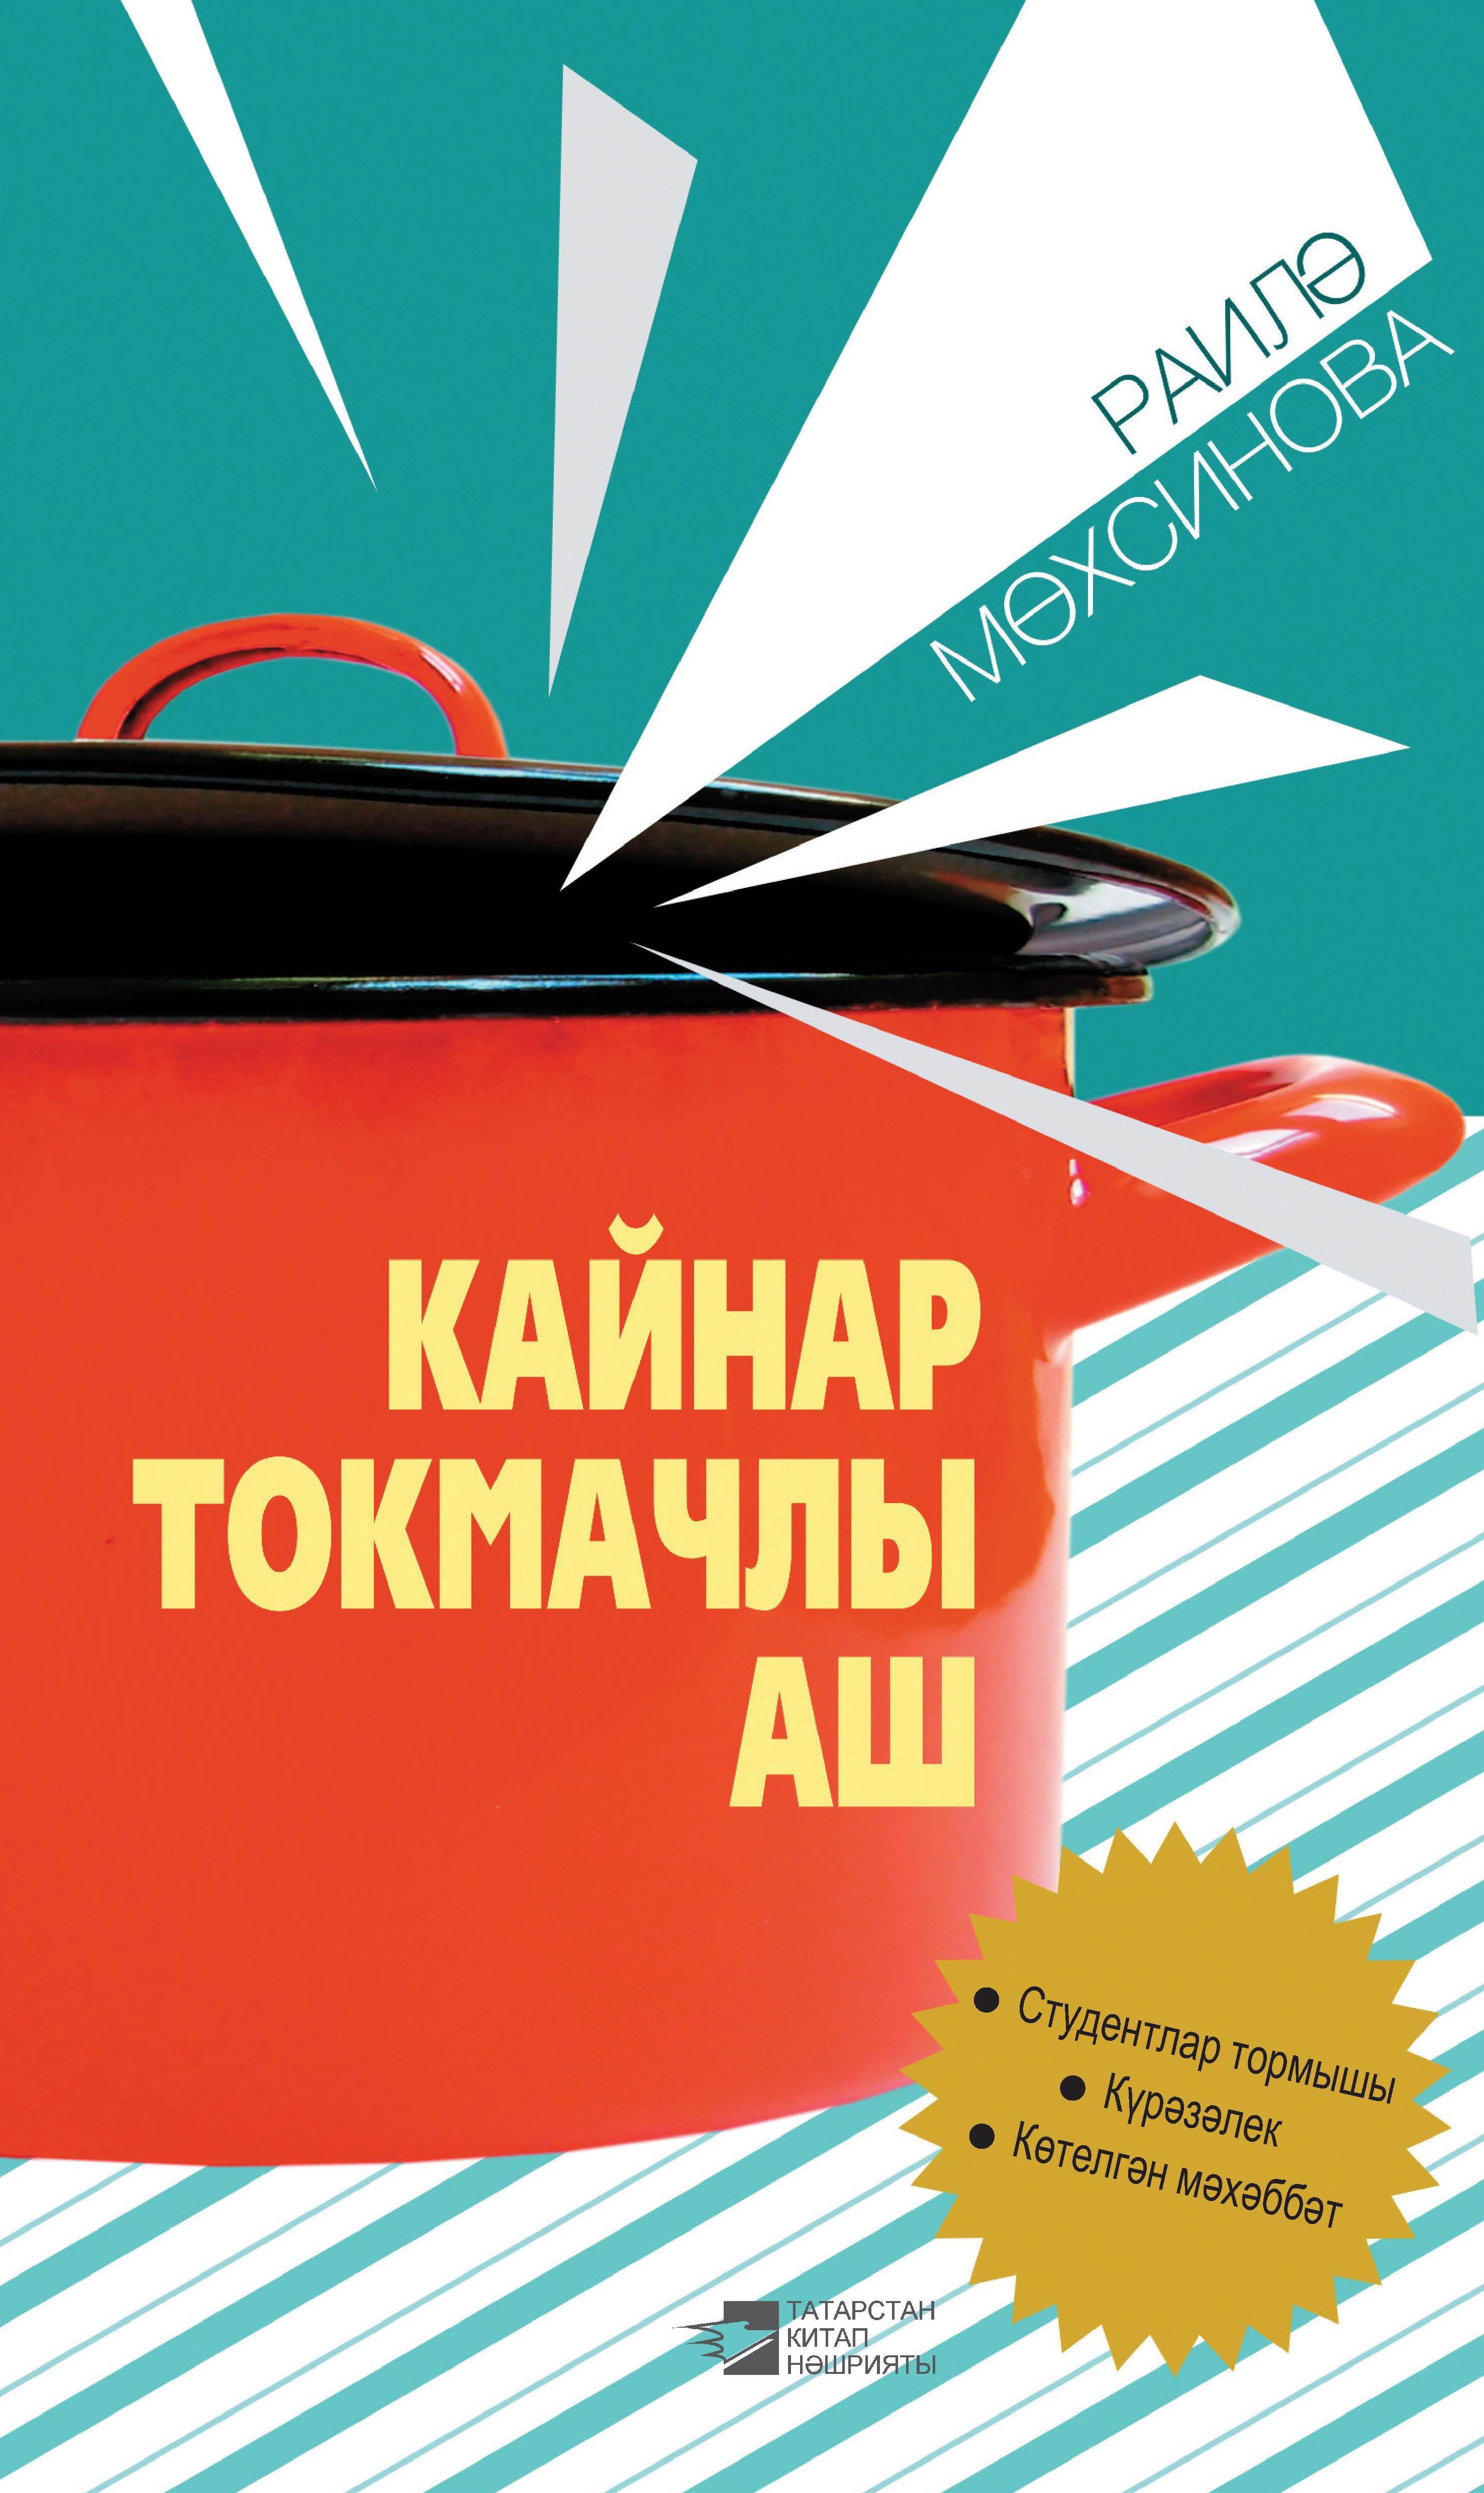 Раиля Мухсинова Кайнар токмачлы аш: пьесалар